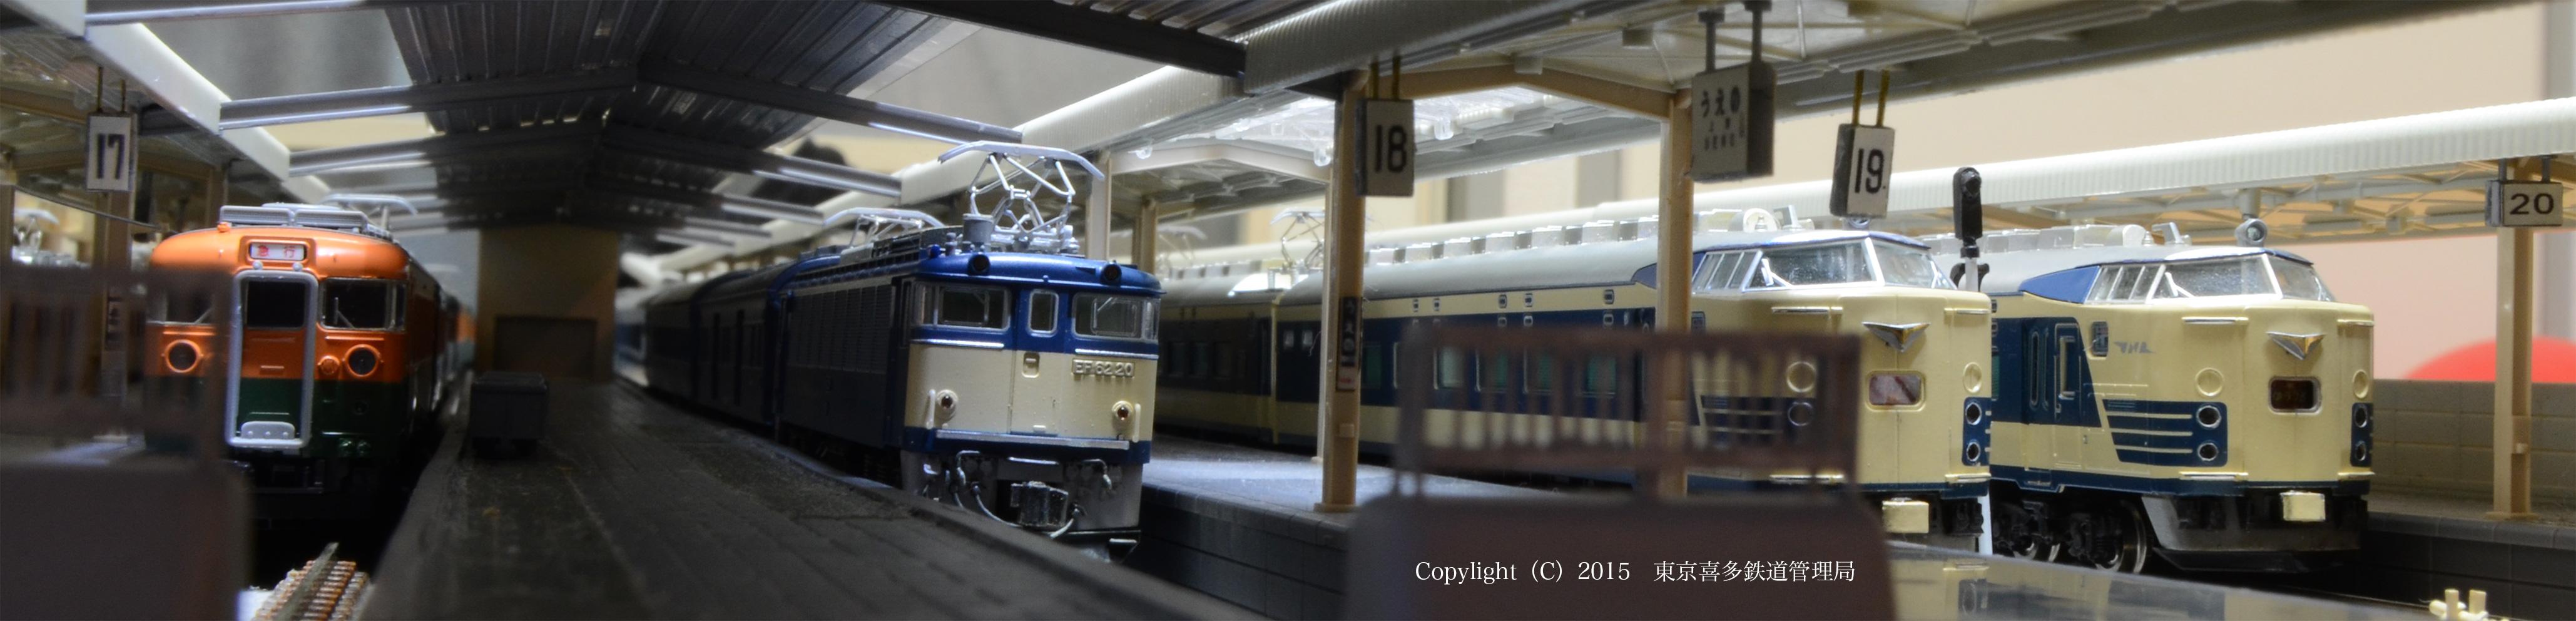 005_track17_18_19_20.jpg